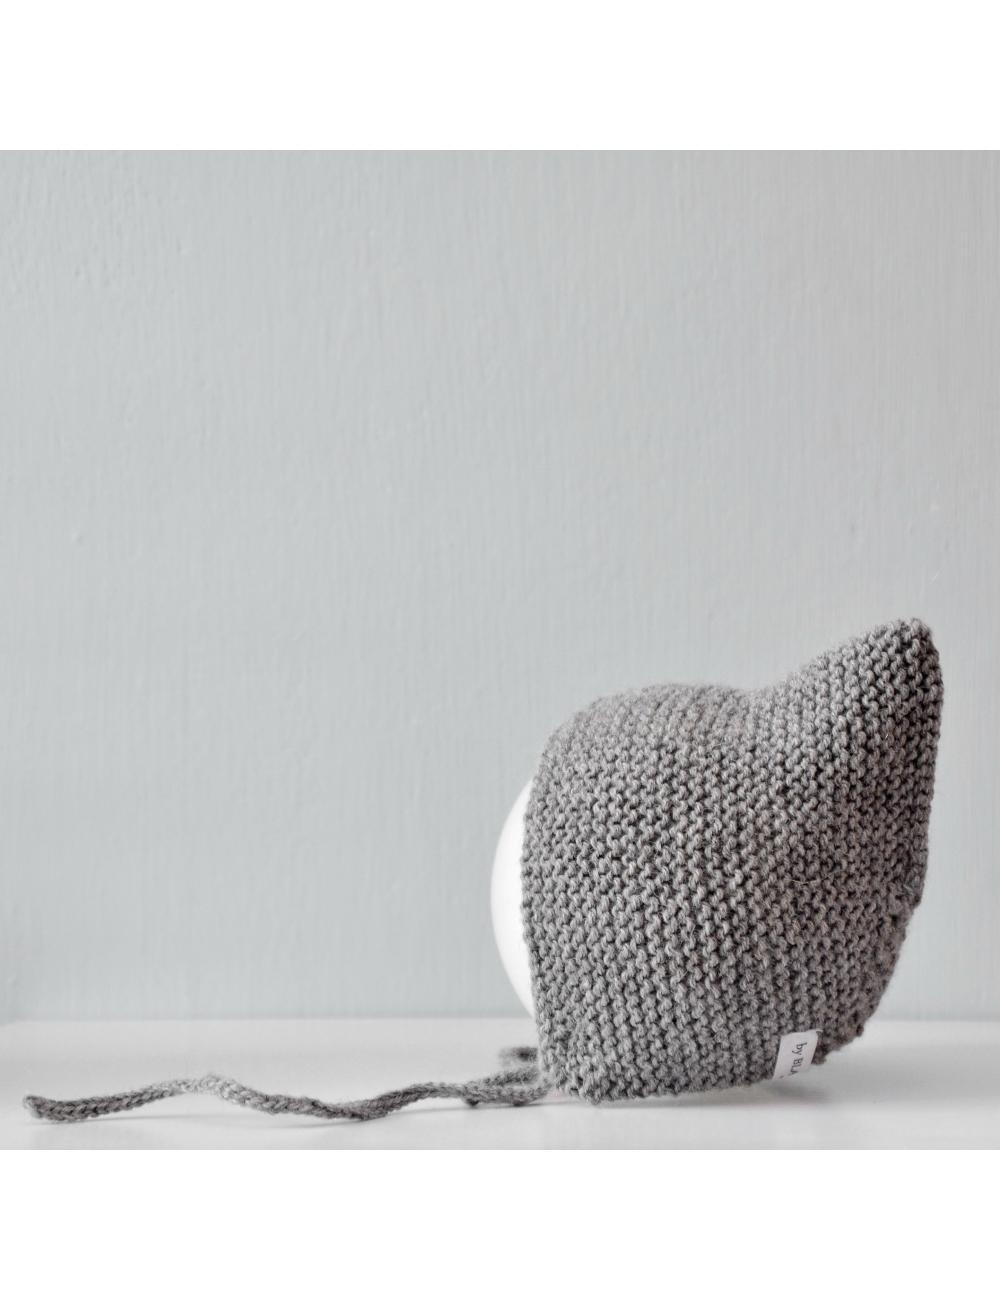 Bonnet en laine d'alpaga | gristest